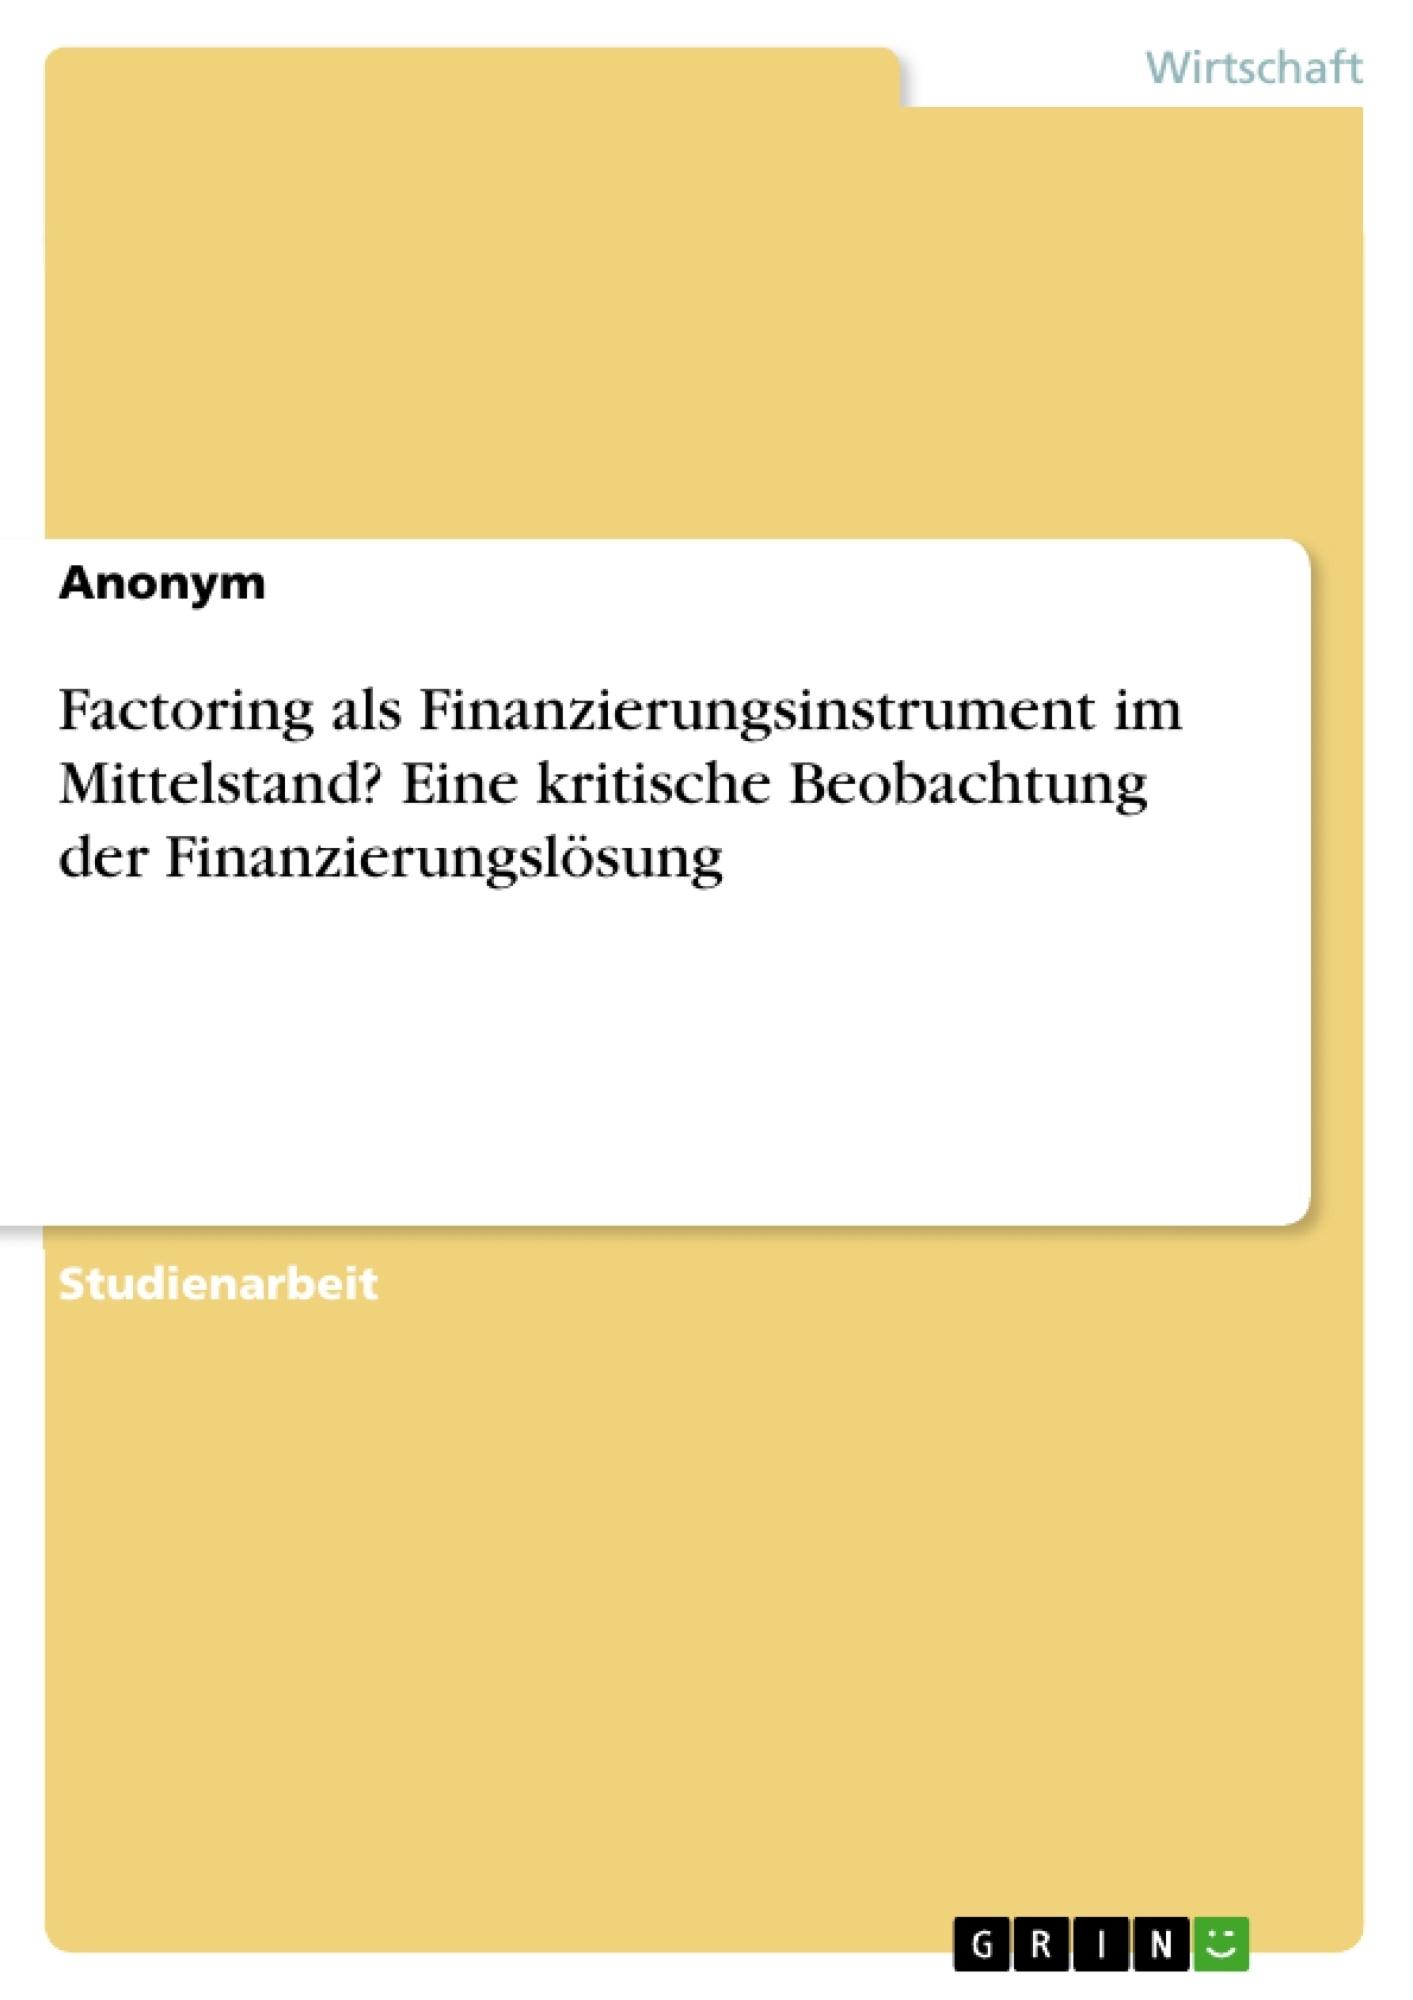 Titel: Factoring als Finanzierungsinstrument im Mittelstand? Eine kritische Beobachtung der Finanzierungslösung